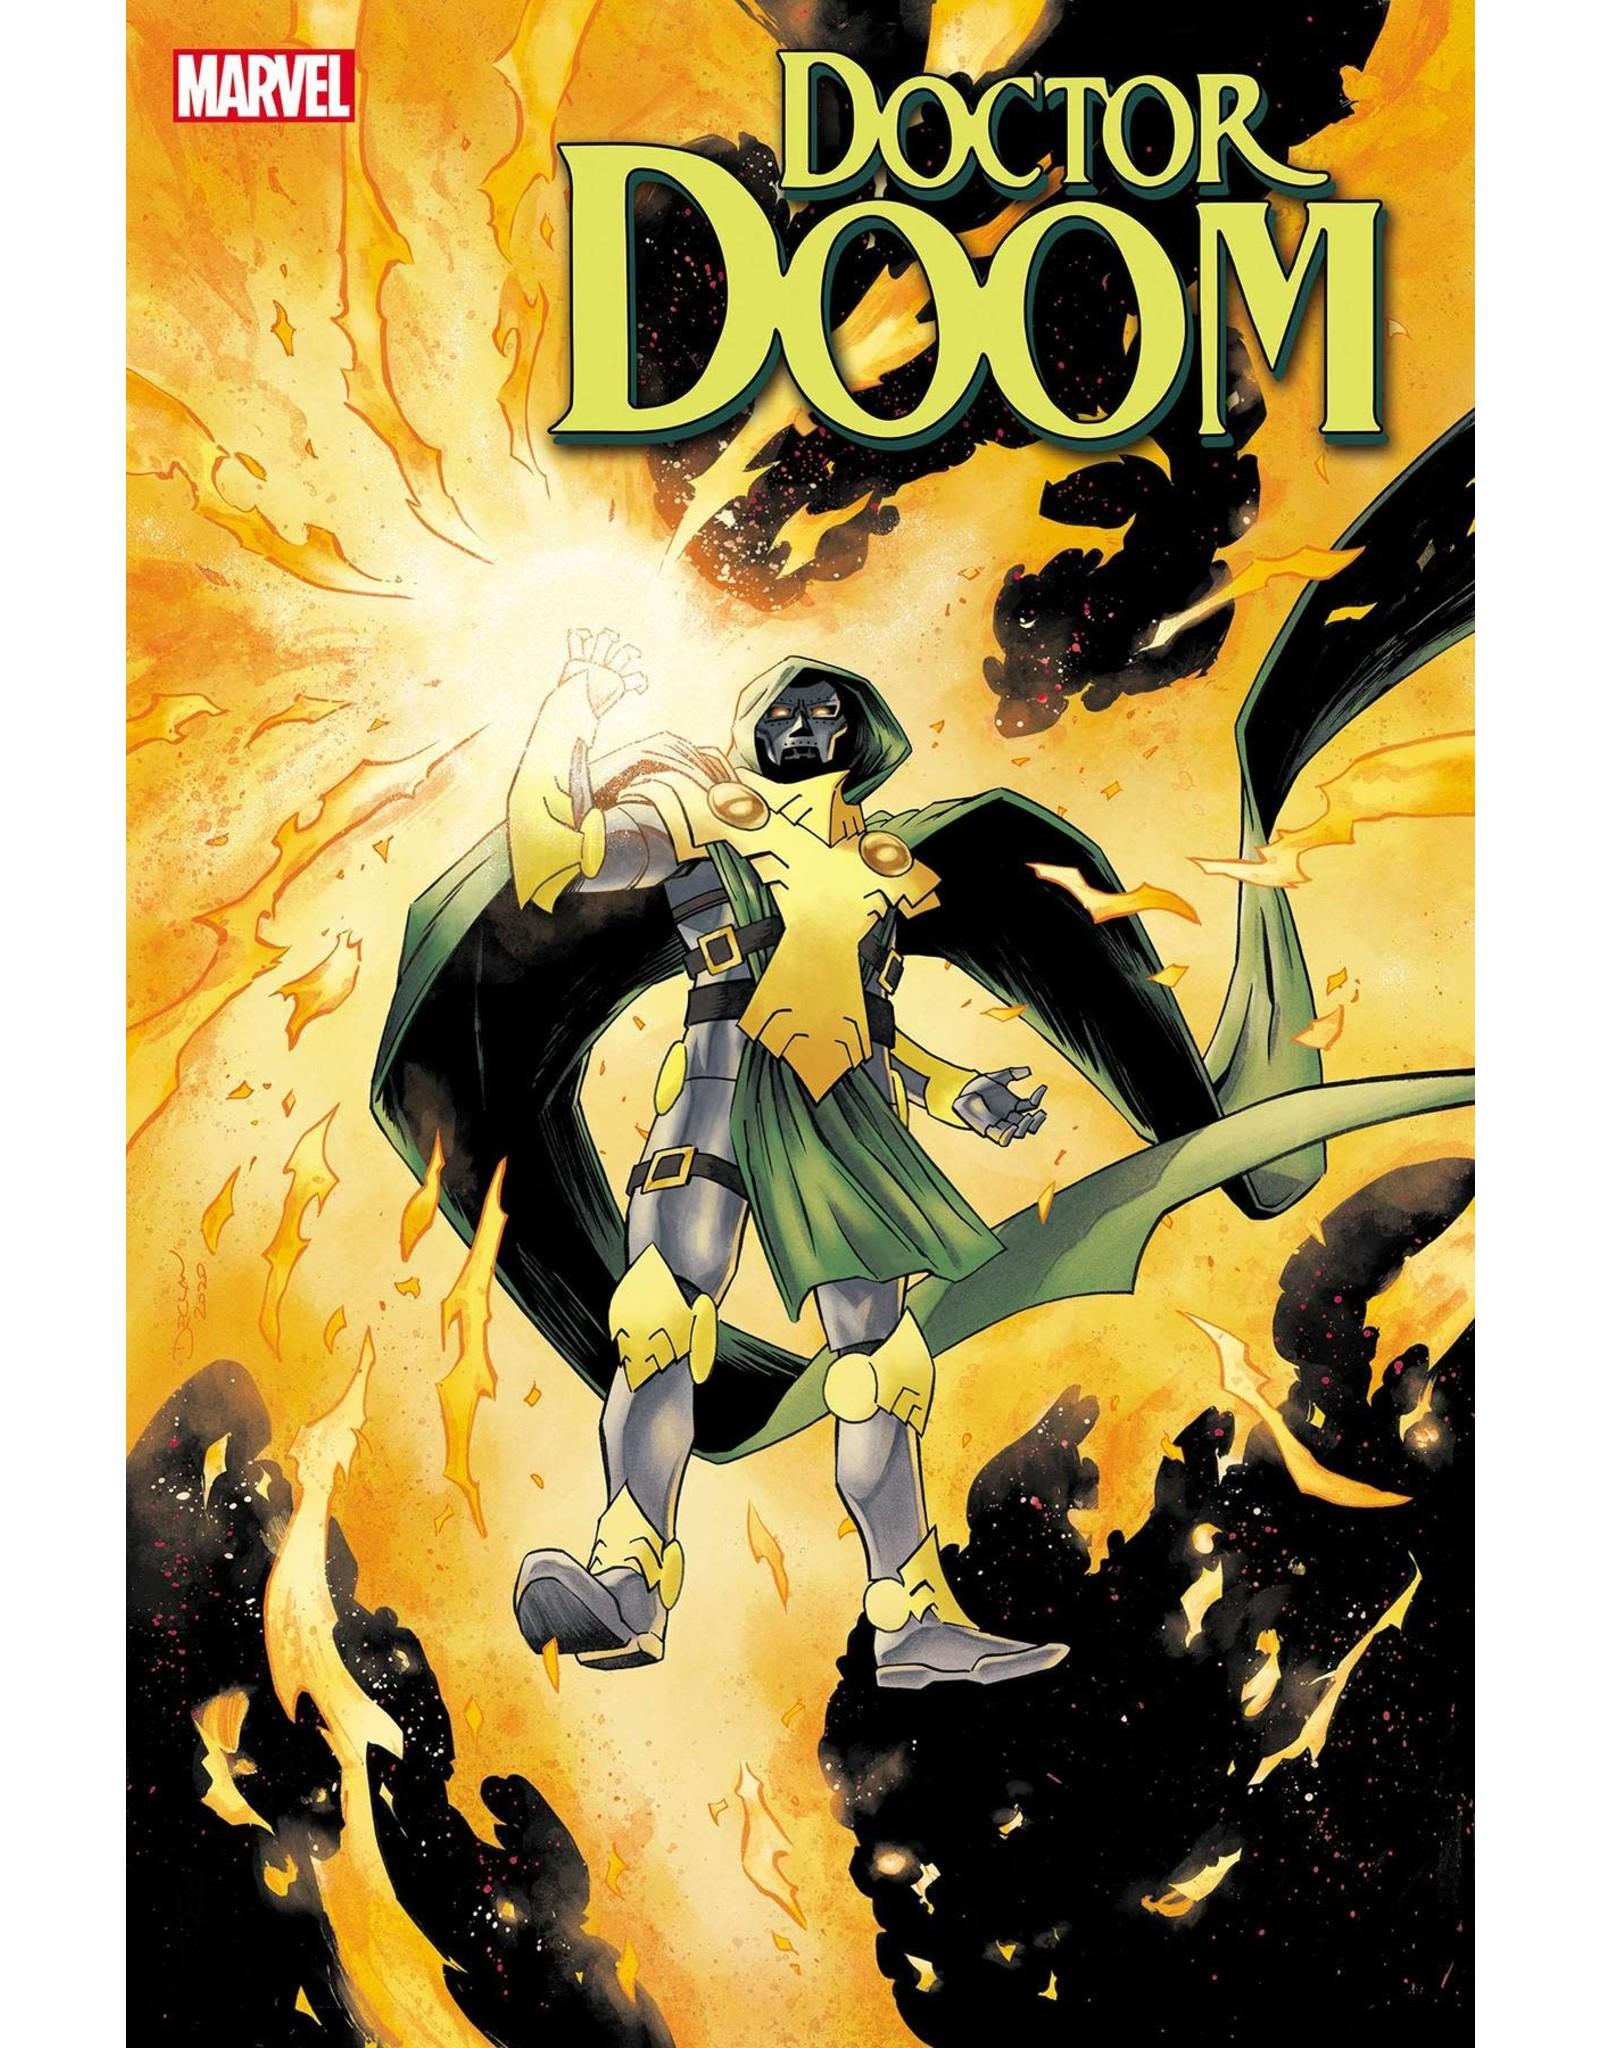 Marvel Comics DOCTOR DOOM #9 SHALVEY DOCTOR DOOM PHOENIX VAR